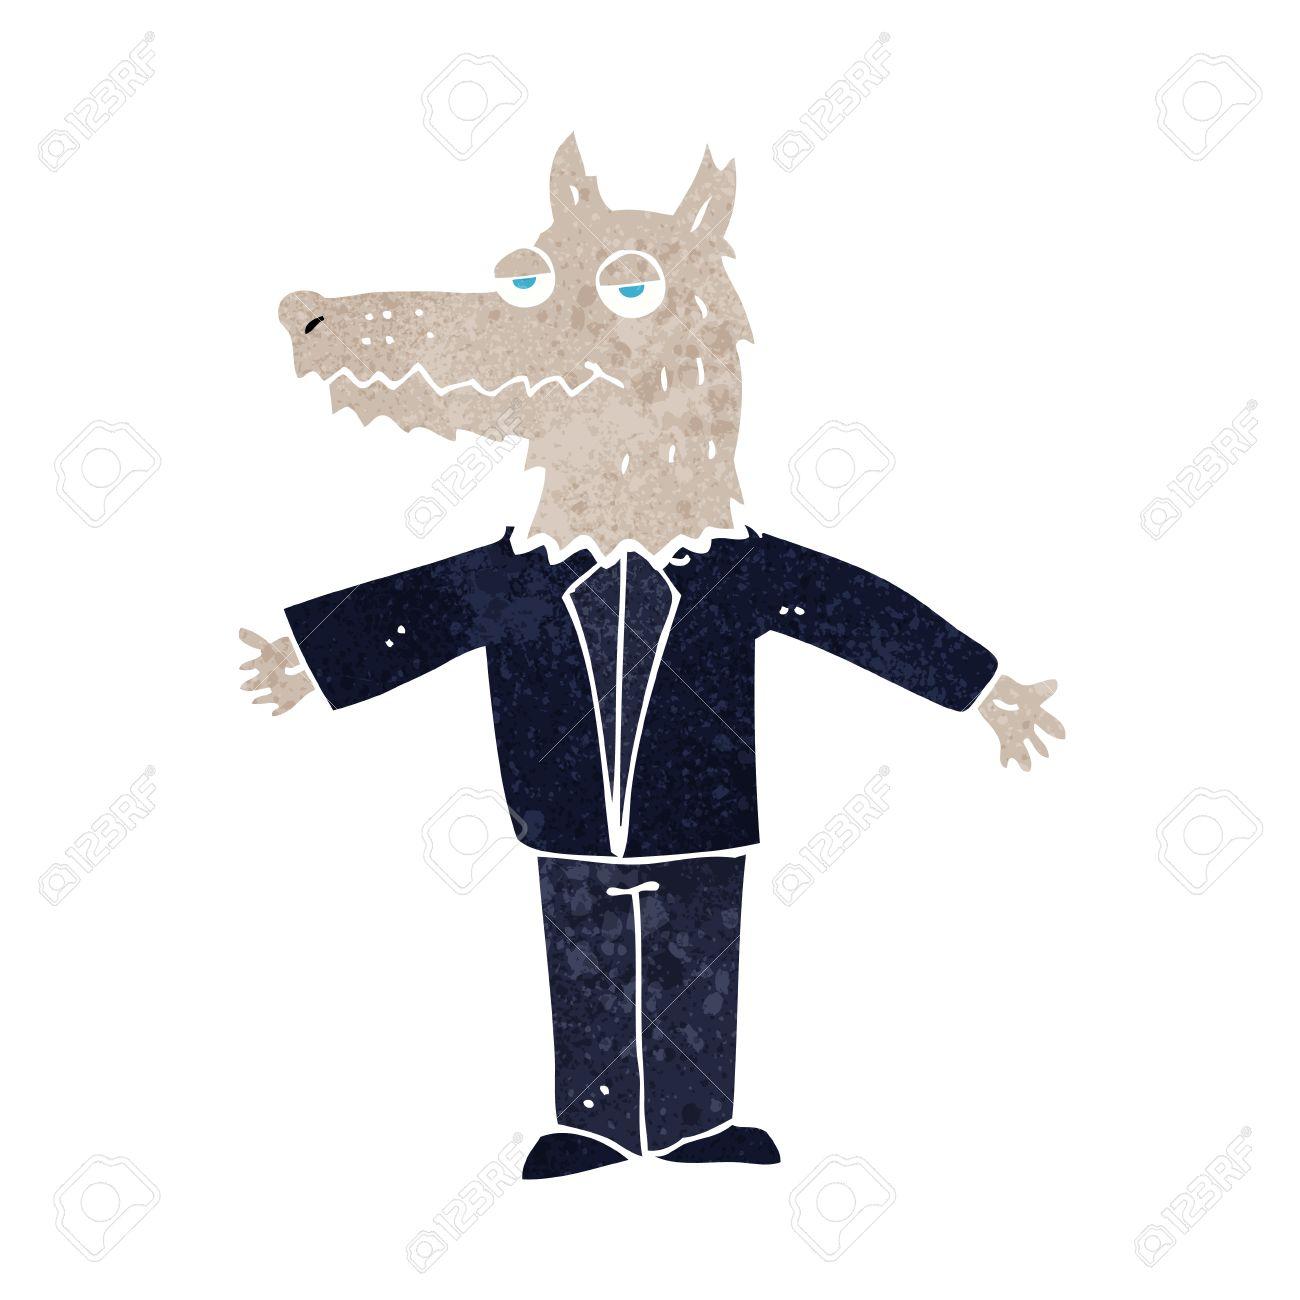 Vettoriale cartone animato lupo image